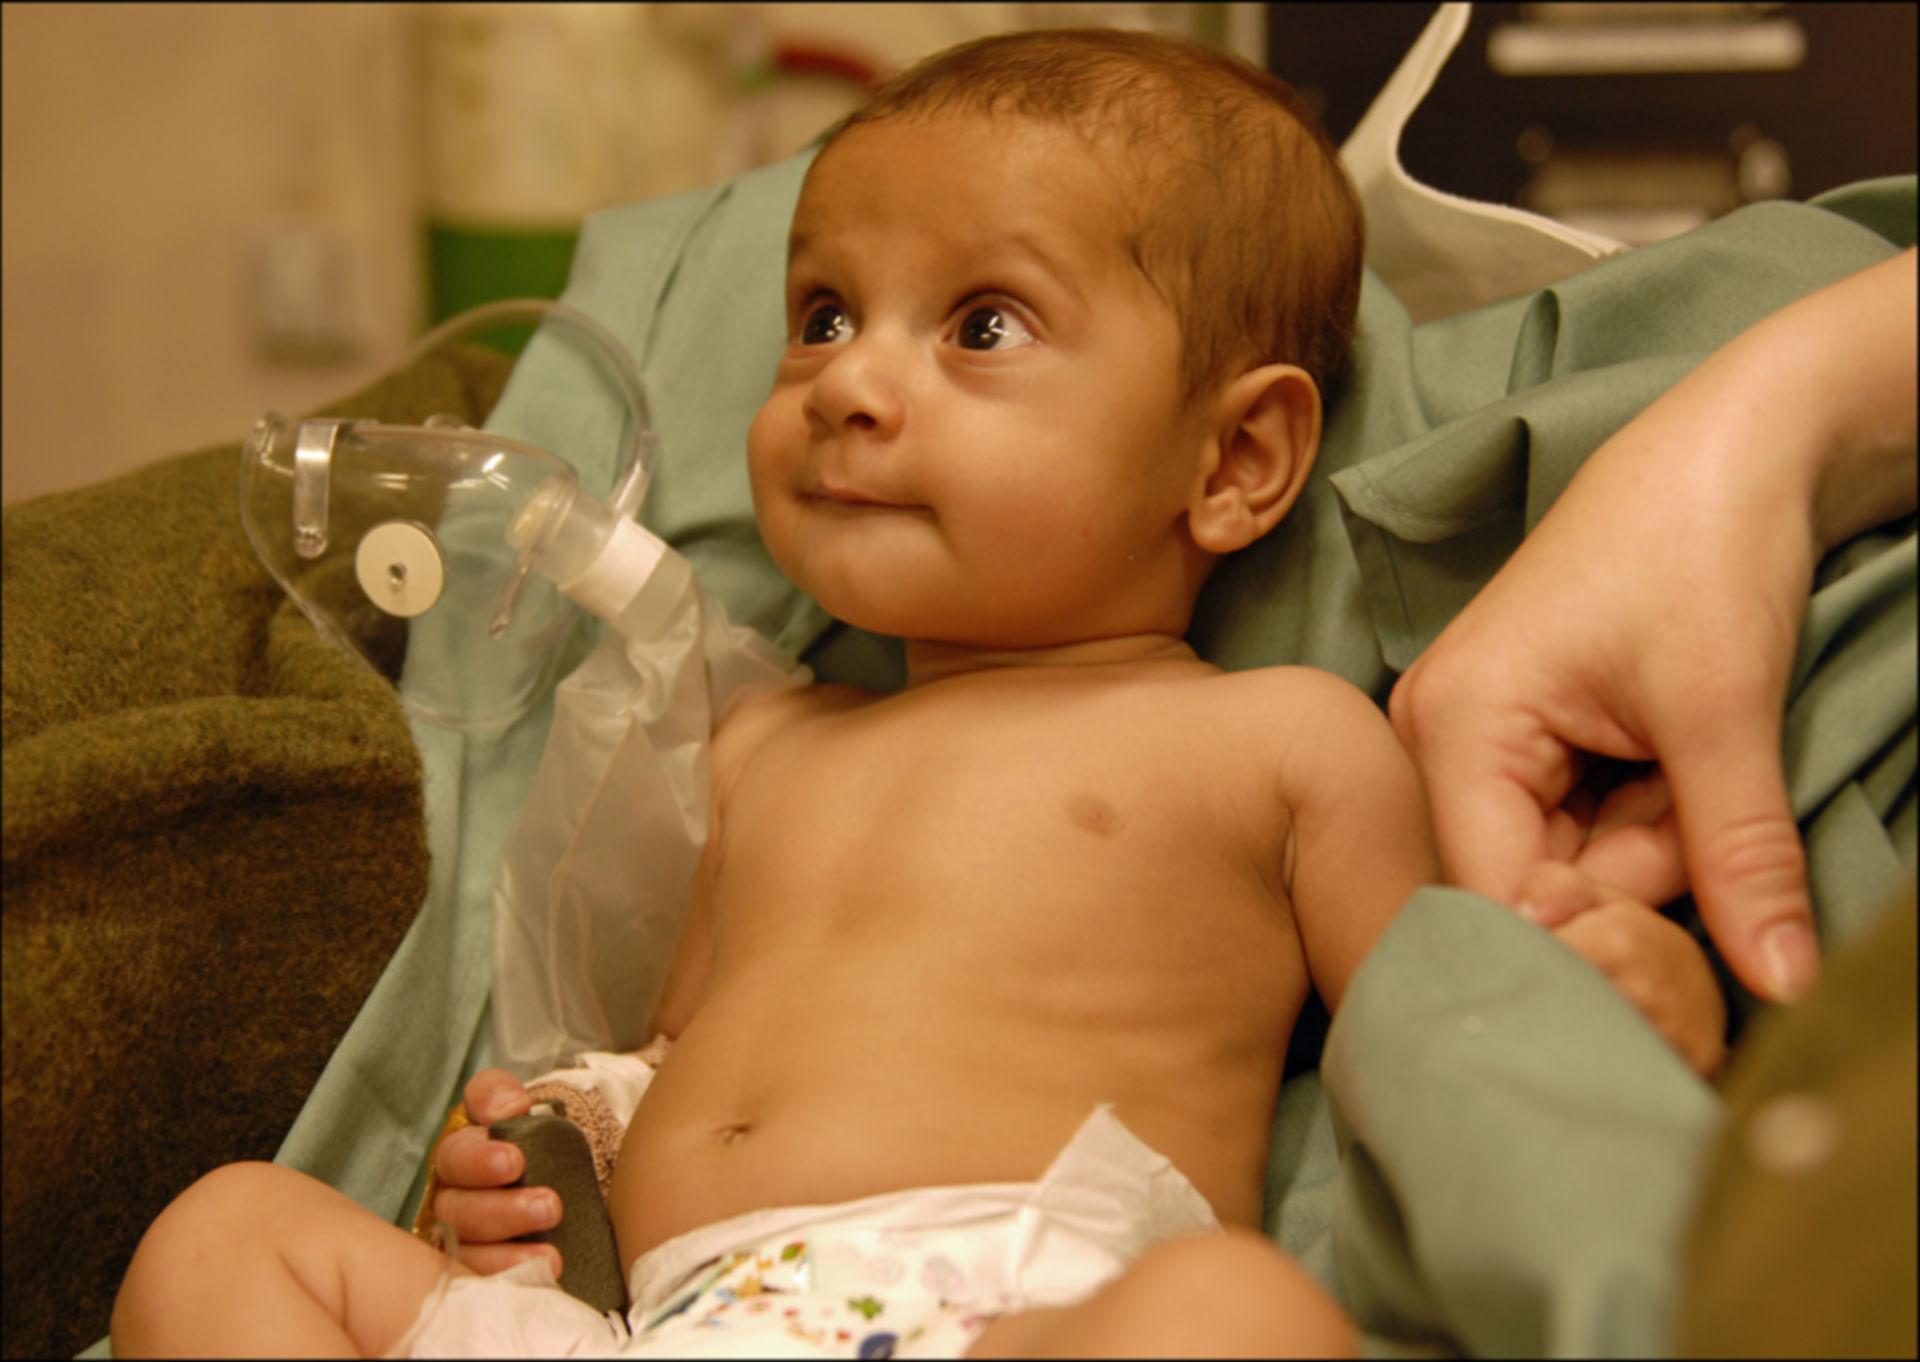 Bambino afgano con difetto cardiaco